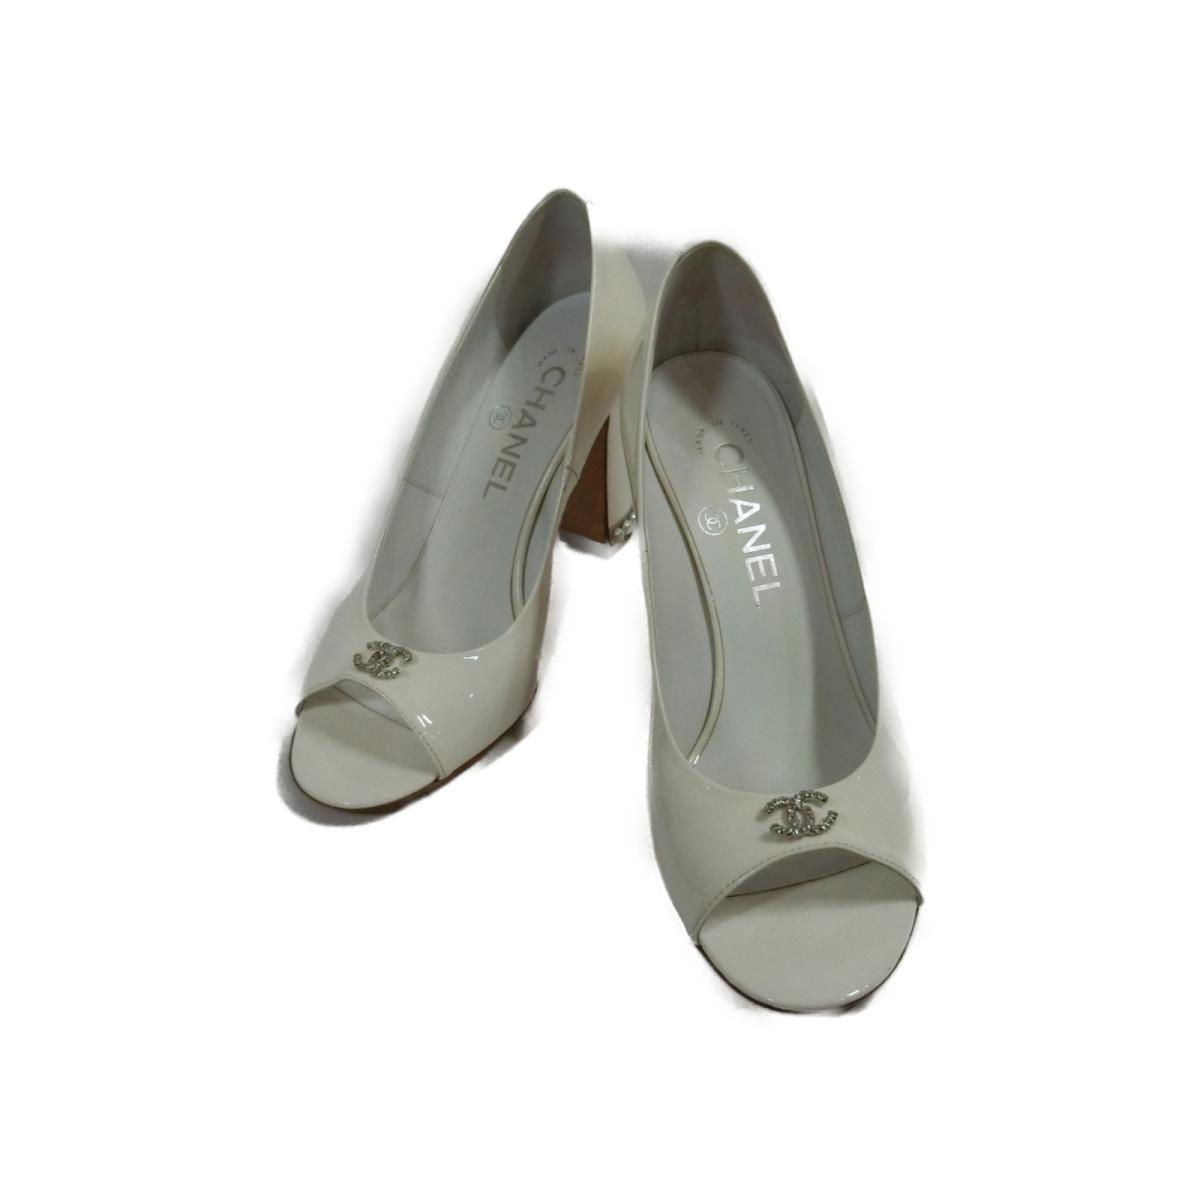 【中古】 シャネル パンプス レディース エナメル ホワイト | CHANEL くつ 靴 パンプス 美品 ブランドオフ